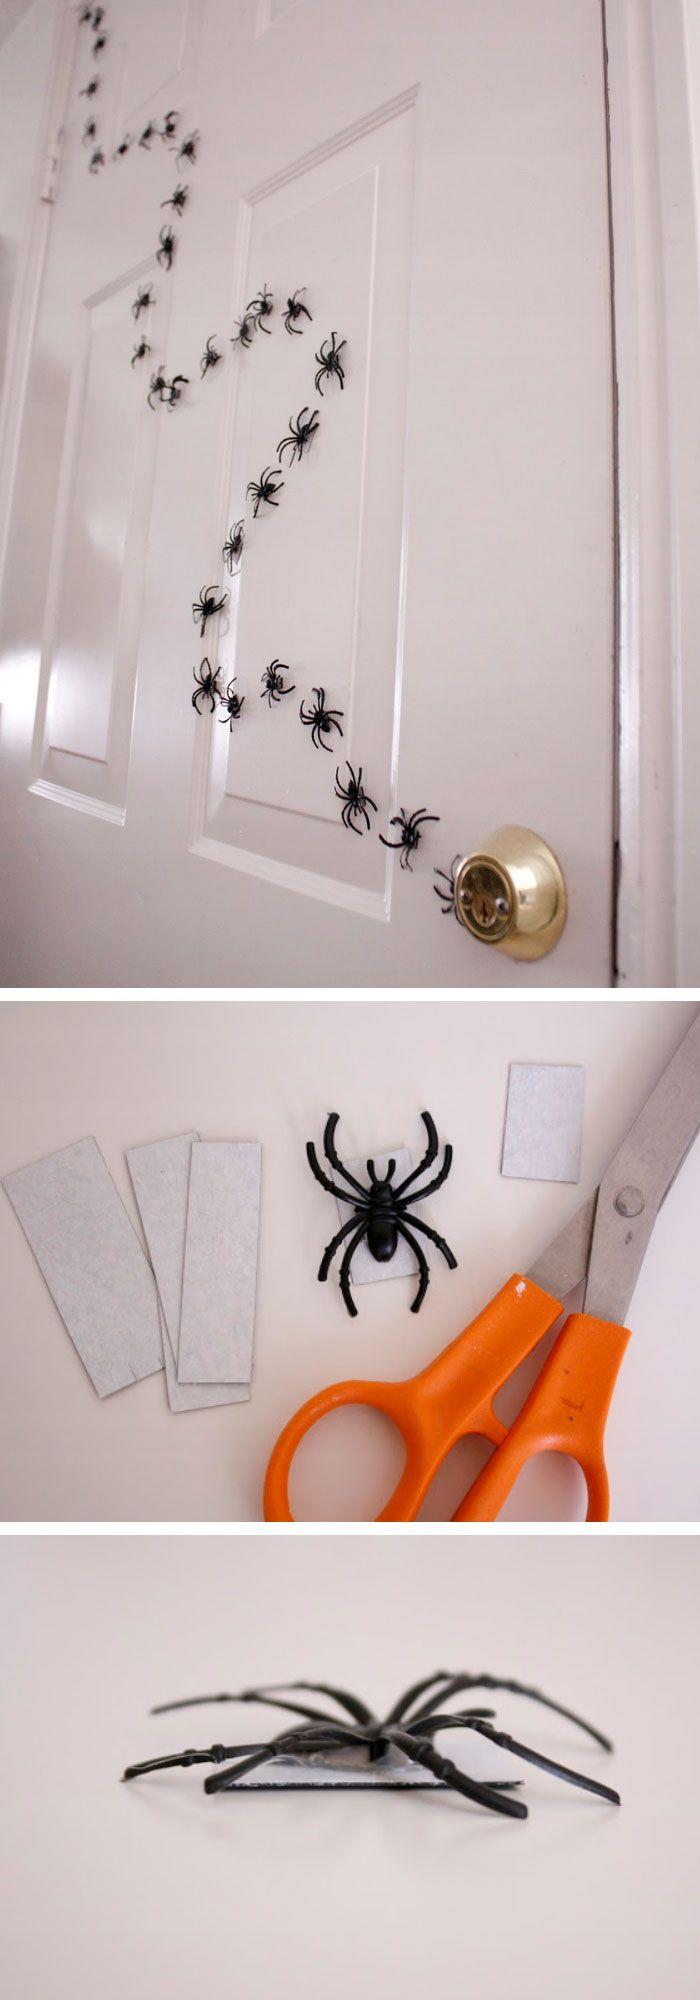 Top 25+ best Halloween dorm ideas on Pinterest | Halloween door ...